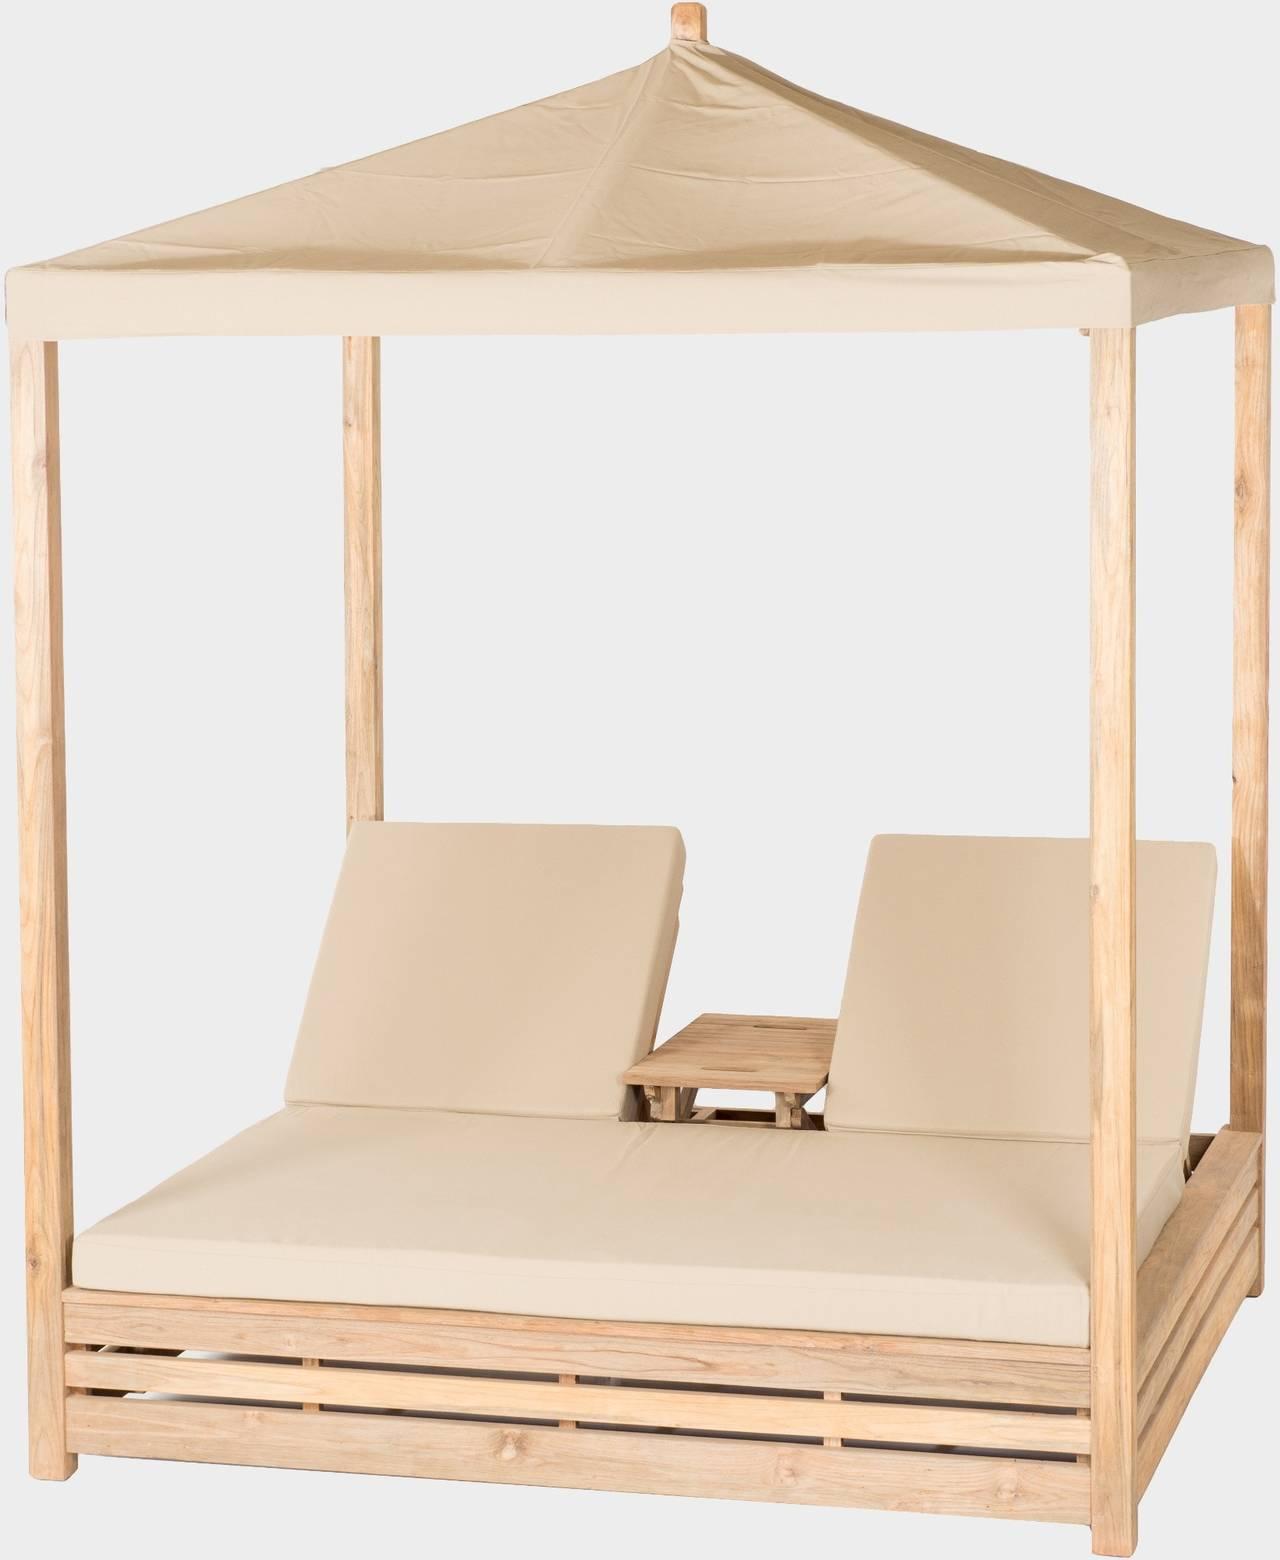 Zahradní teaková postel DAYBED